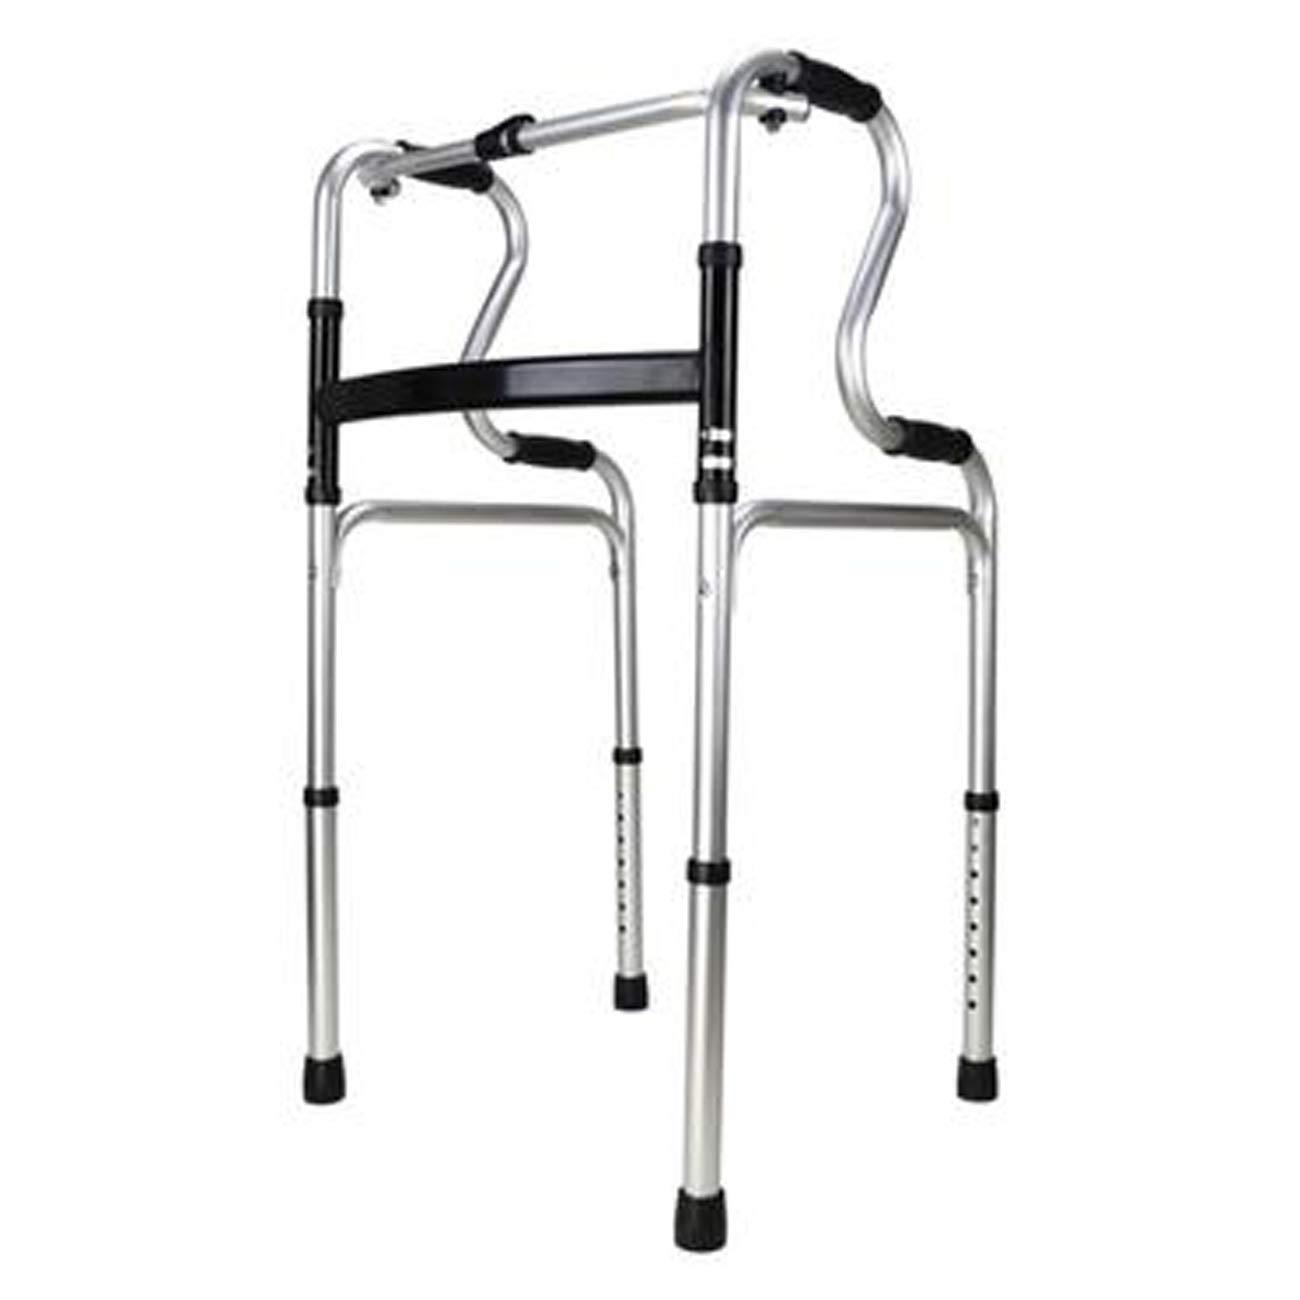 2019公式店舗 高齢歩行者 B07L2K8XX6、歩行歩行器 :、アルミニウム合金4足歩行補助歩行器、マルチスタイルオプション (サイズ さいず : B) B B) B07L2K8XX6, PRESEA:d44282f7 --- a0267596.xsph.ru